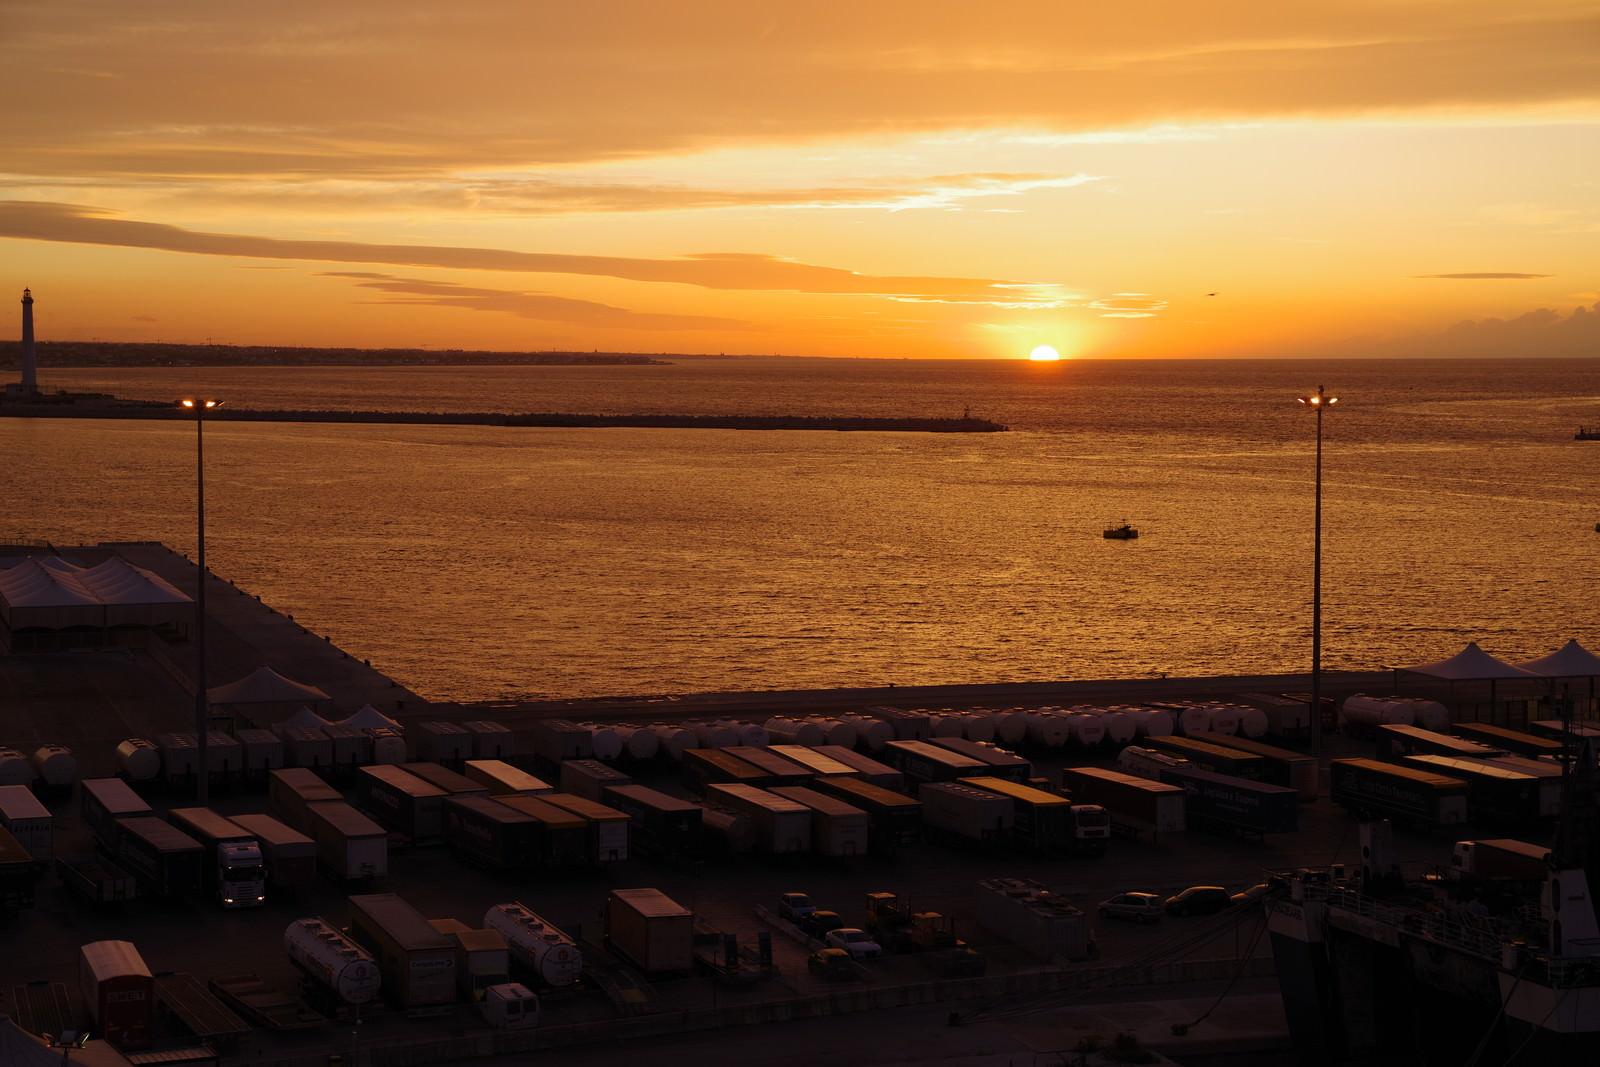 「港から眺める沈む夕日」の写真